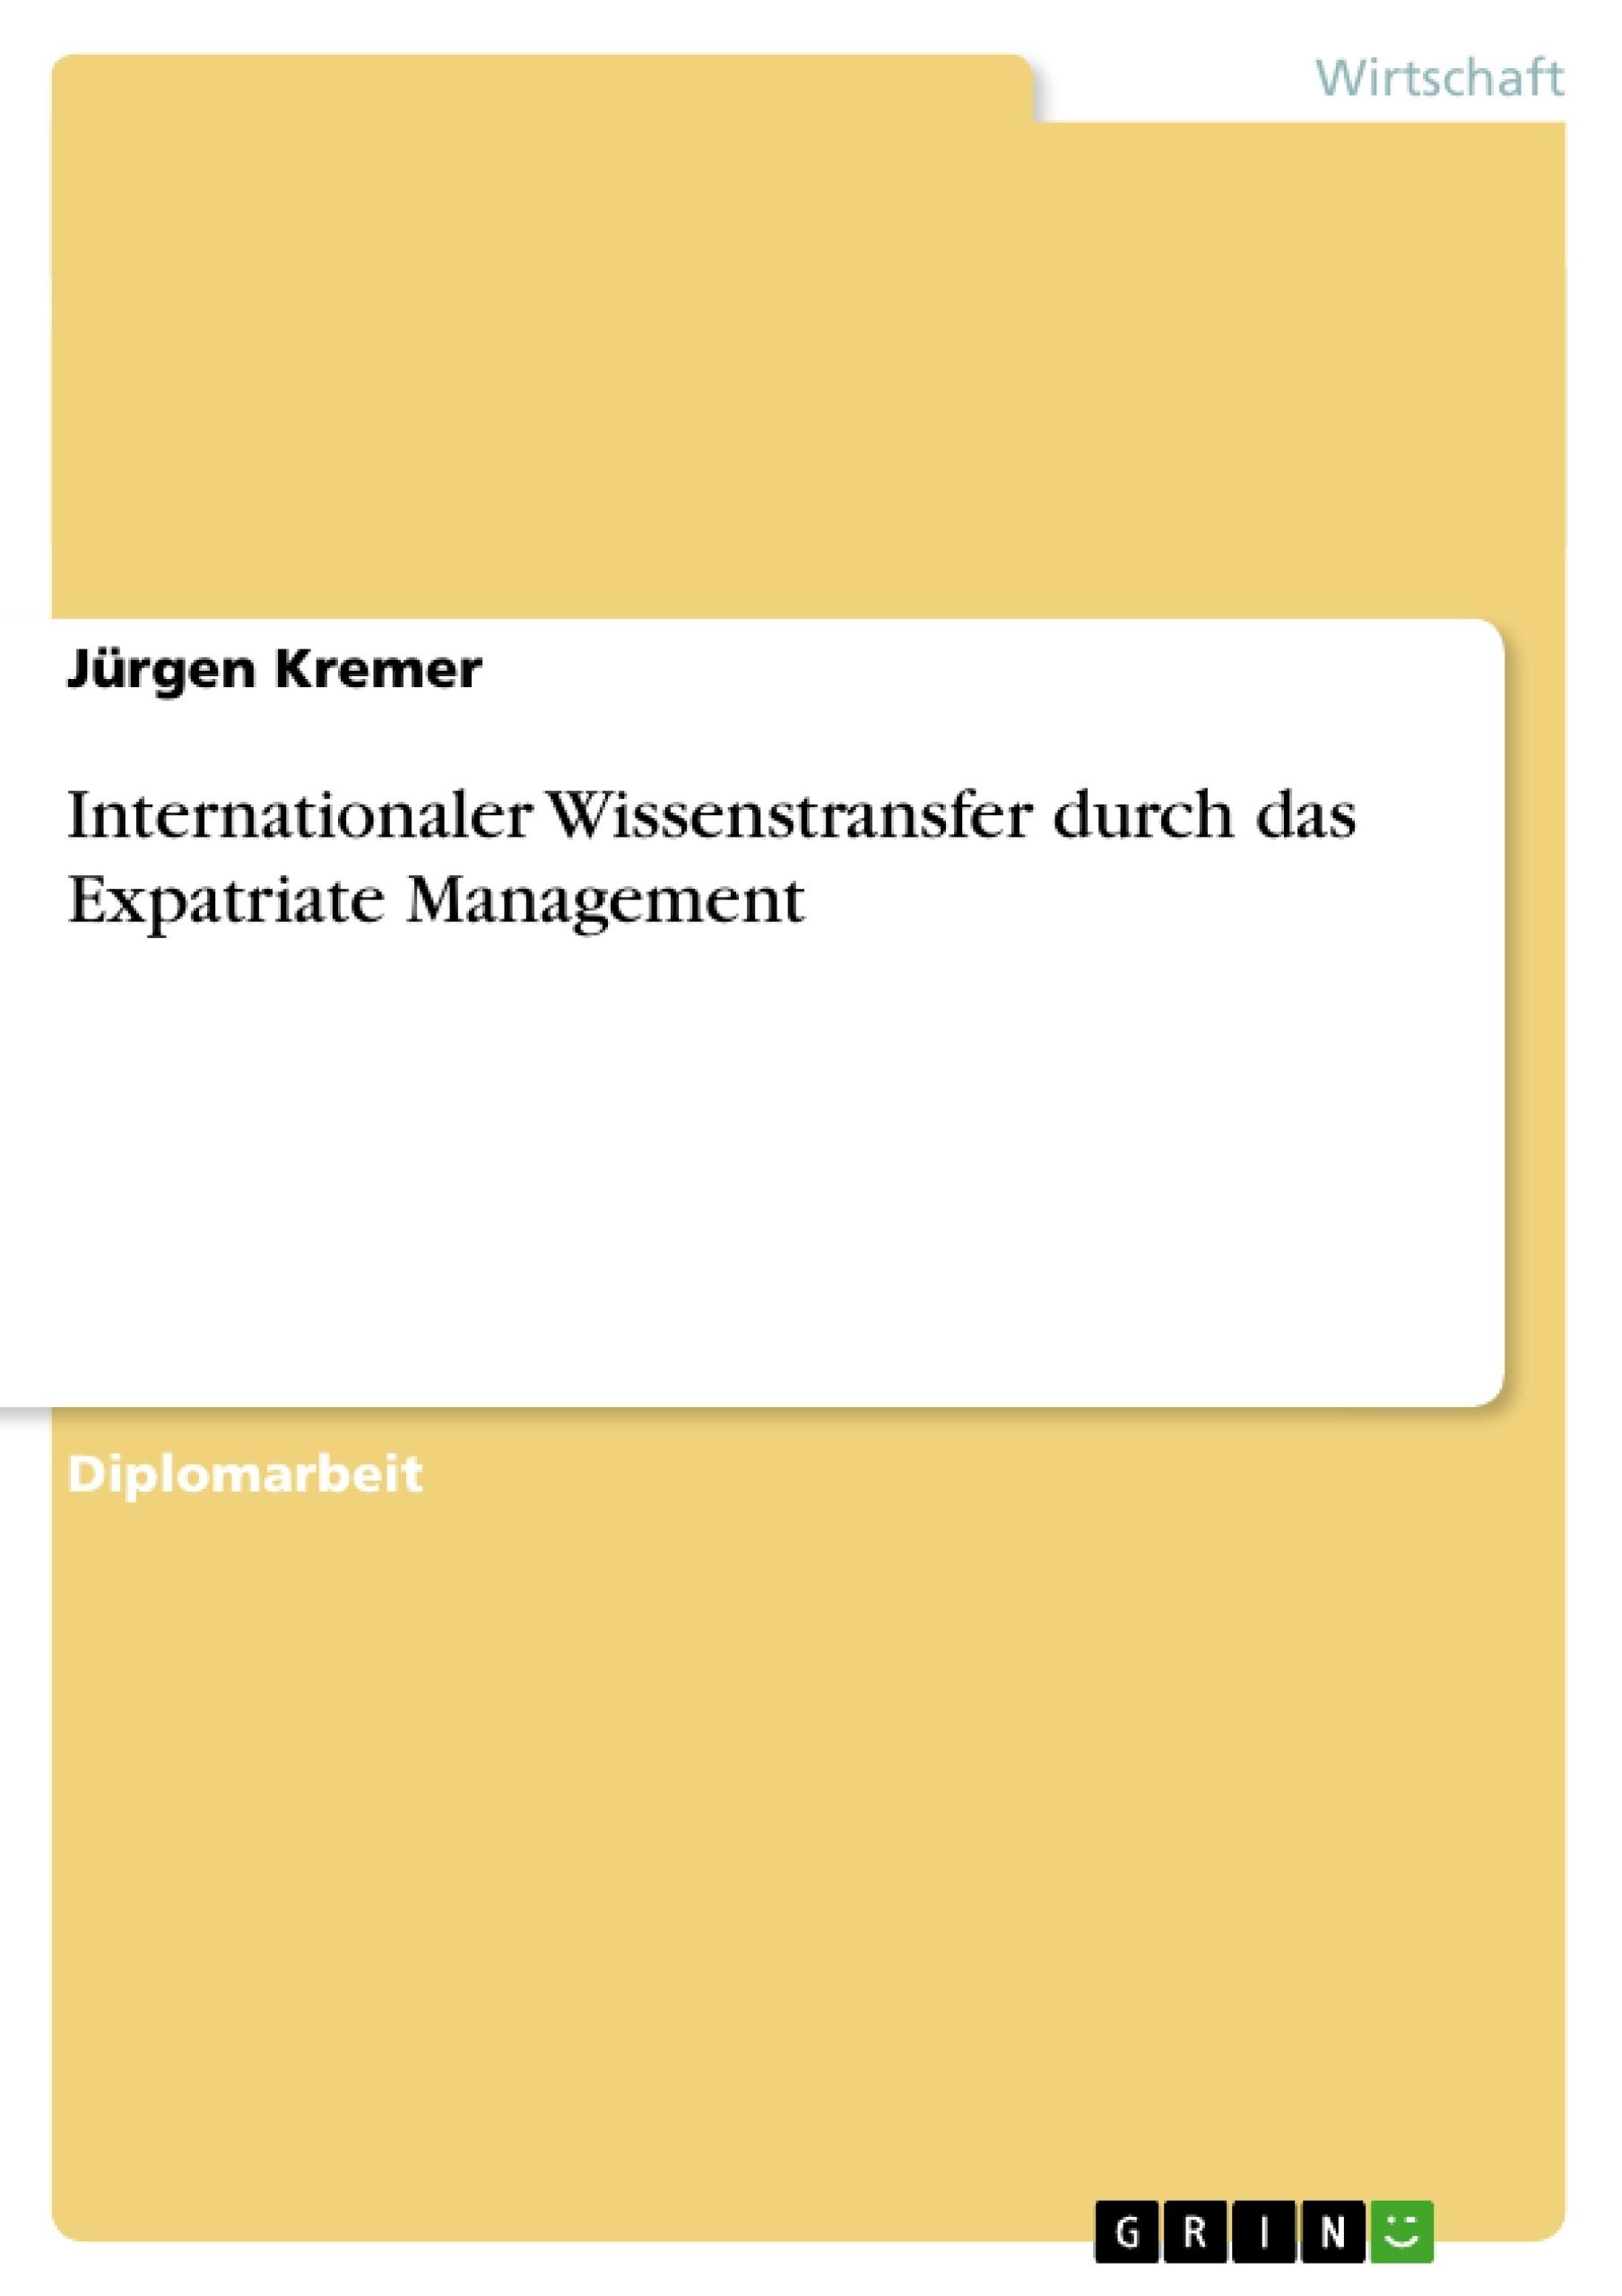 Titel: Internationaler Wissenstransfer durch das Expatriate Management